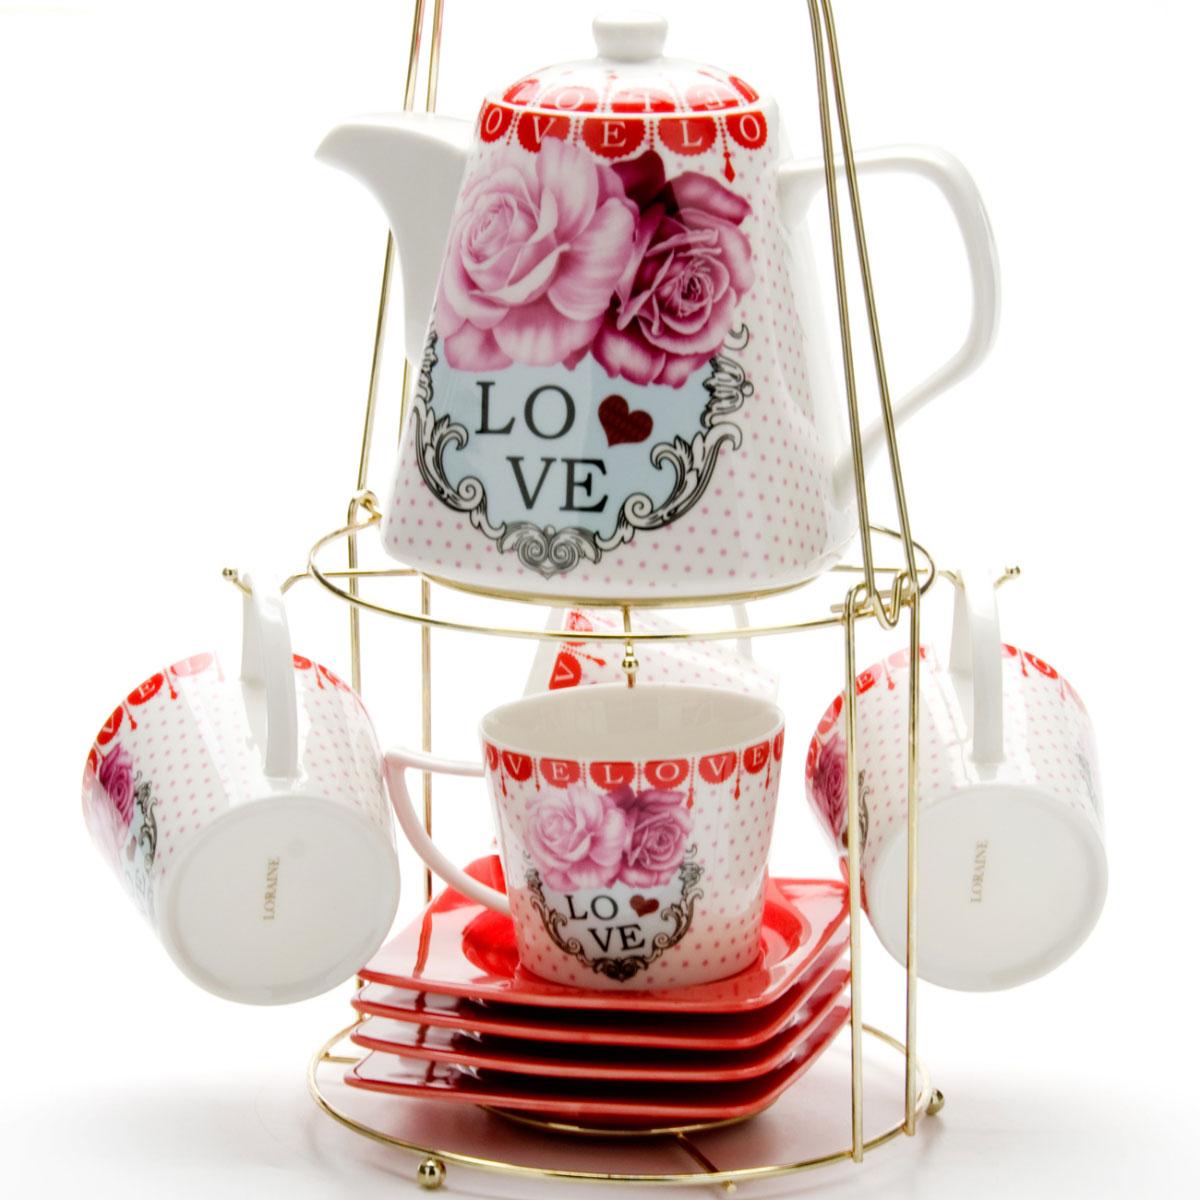 Набор чайный Mayer & Boch, на подставке, 9 предметов. 2472824728Чайный набор LORAINE состоит из 4 чашек, 4 блюдец и заварочного чайника (1,1 л). Предметы набора изготовлены из керамики и оформлены изображением цветов. Все предметы располагаются на удобной металлической подставке с ручкой. Элегантный дизайн набора придется по вкусу и ценителям классики, и тем, кто предпочитает утонченность и изысканность. Он настроит на позитивный лад и подарит хорошее настроение с самого утра. Чайный набор LORAINE идеально подойдет для сервировки стола и станет отличным подарком к любому празднику.